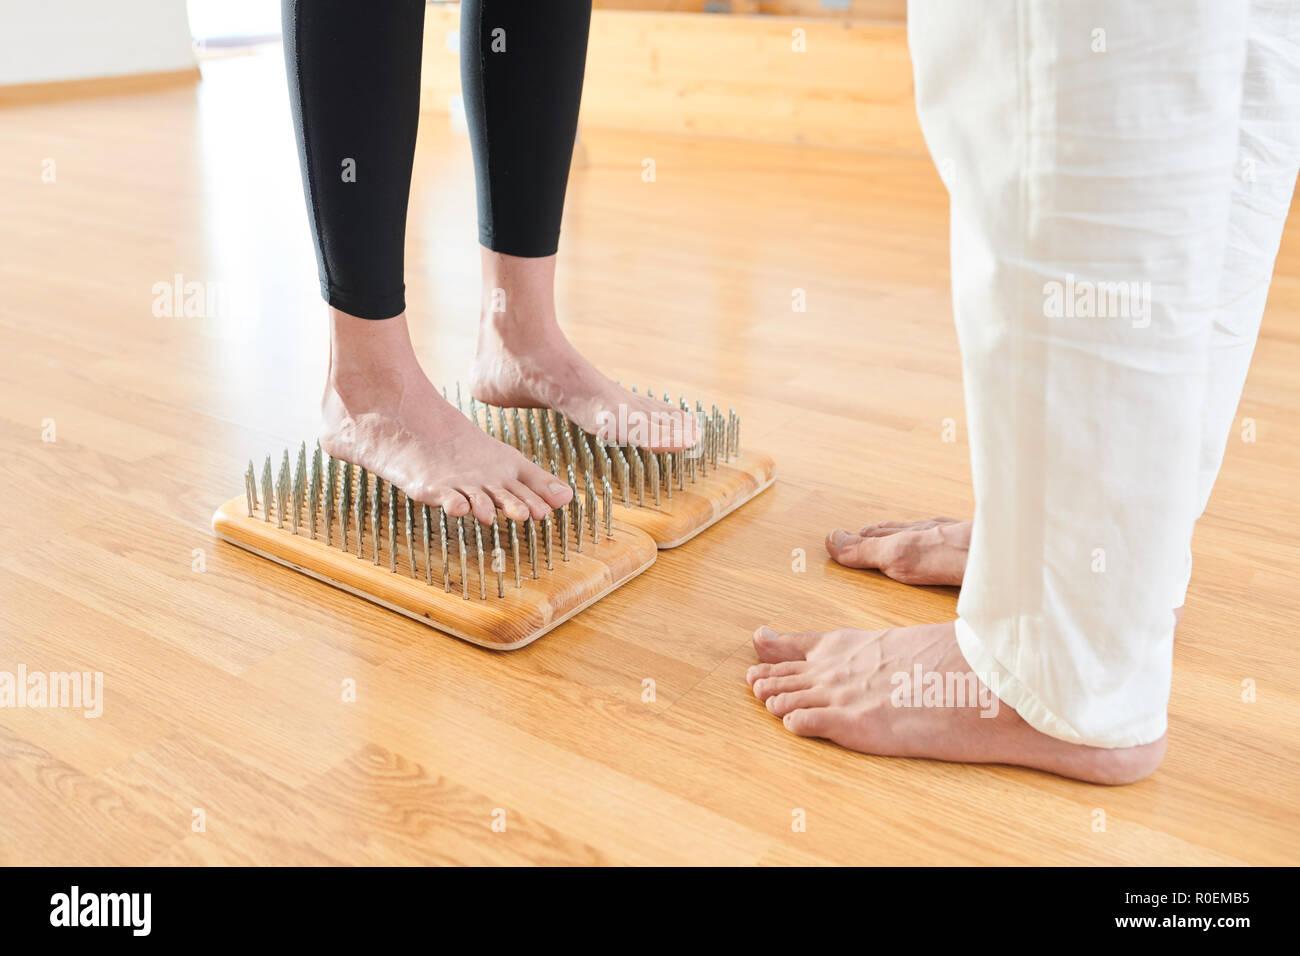 Letto Di Chiodi.Donna Coraggiosa In Piedi Sul Letto Di Chiodi A Yoga Pratica